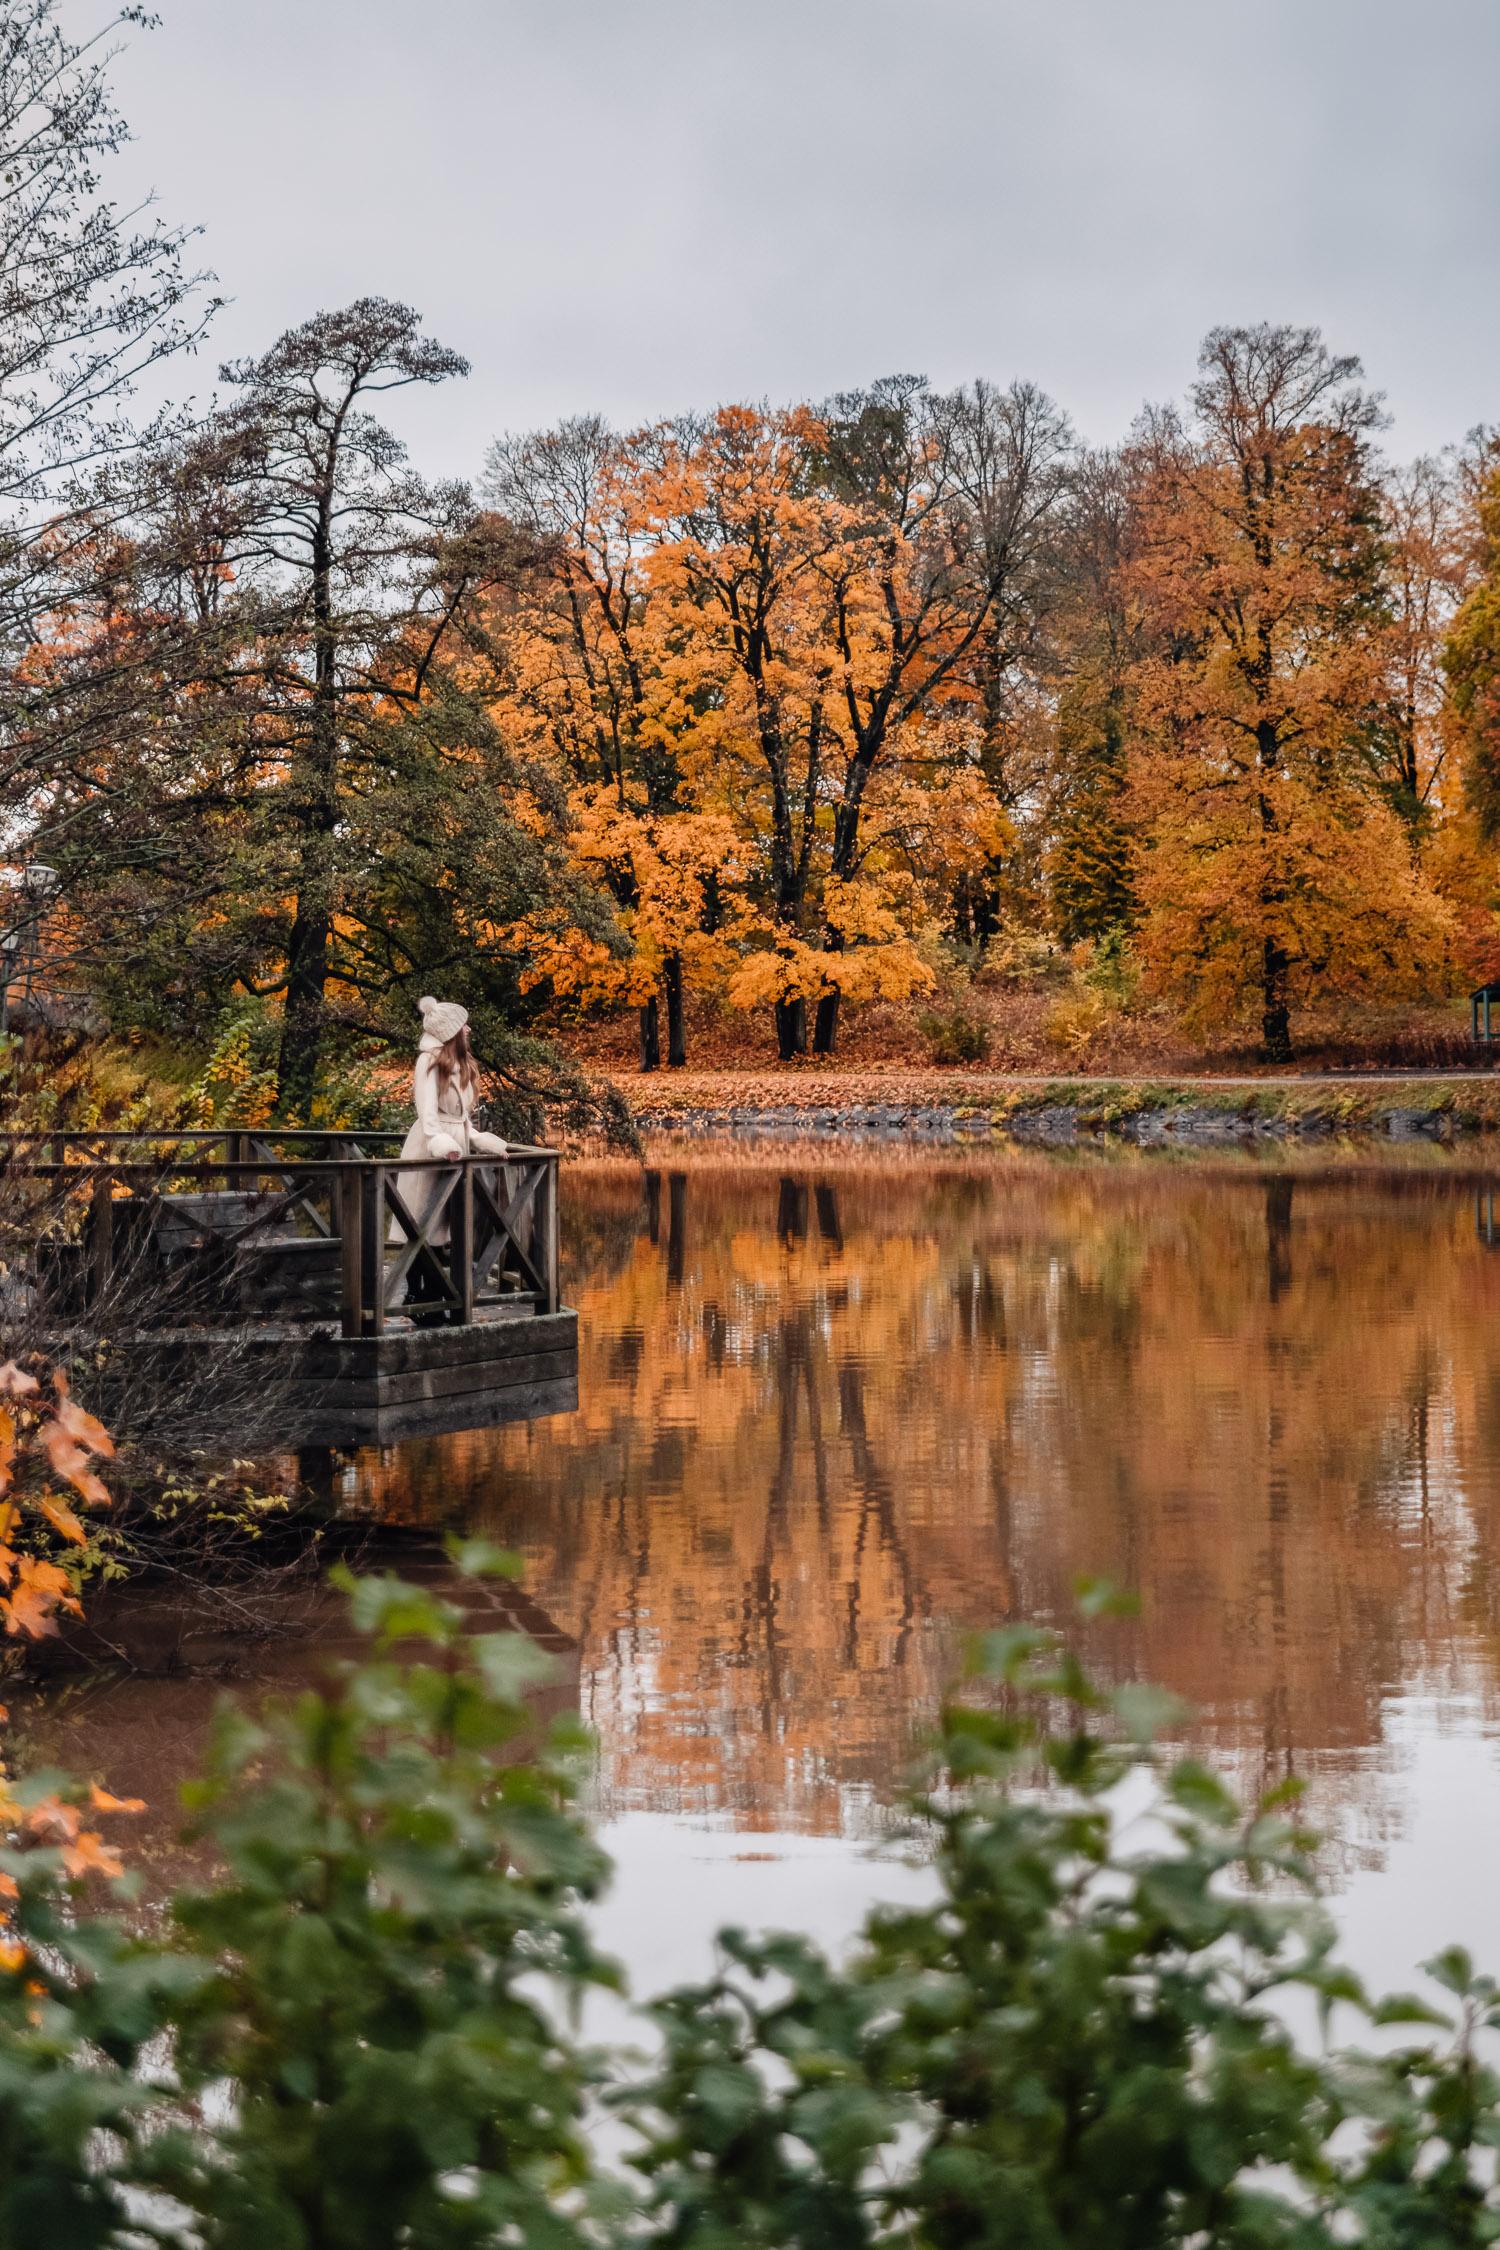 Ida Josefin Eriksson står i vit kappa och mössa på en brygga på spegelblanka Åstråket vid Svartån i Örebro - omringad av orangea höstlöv